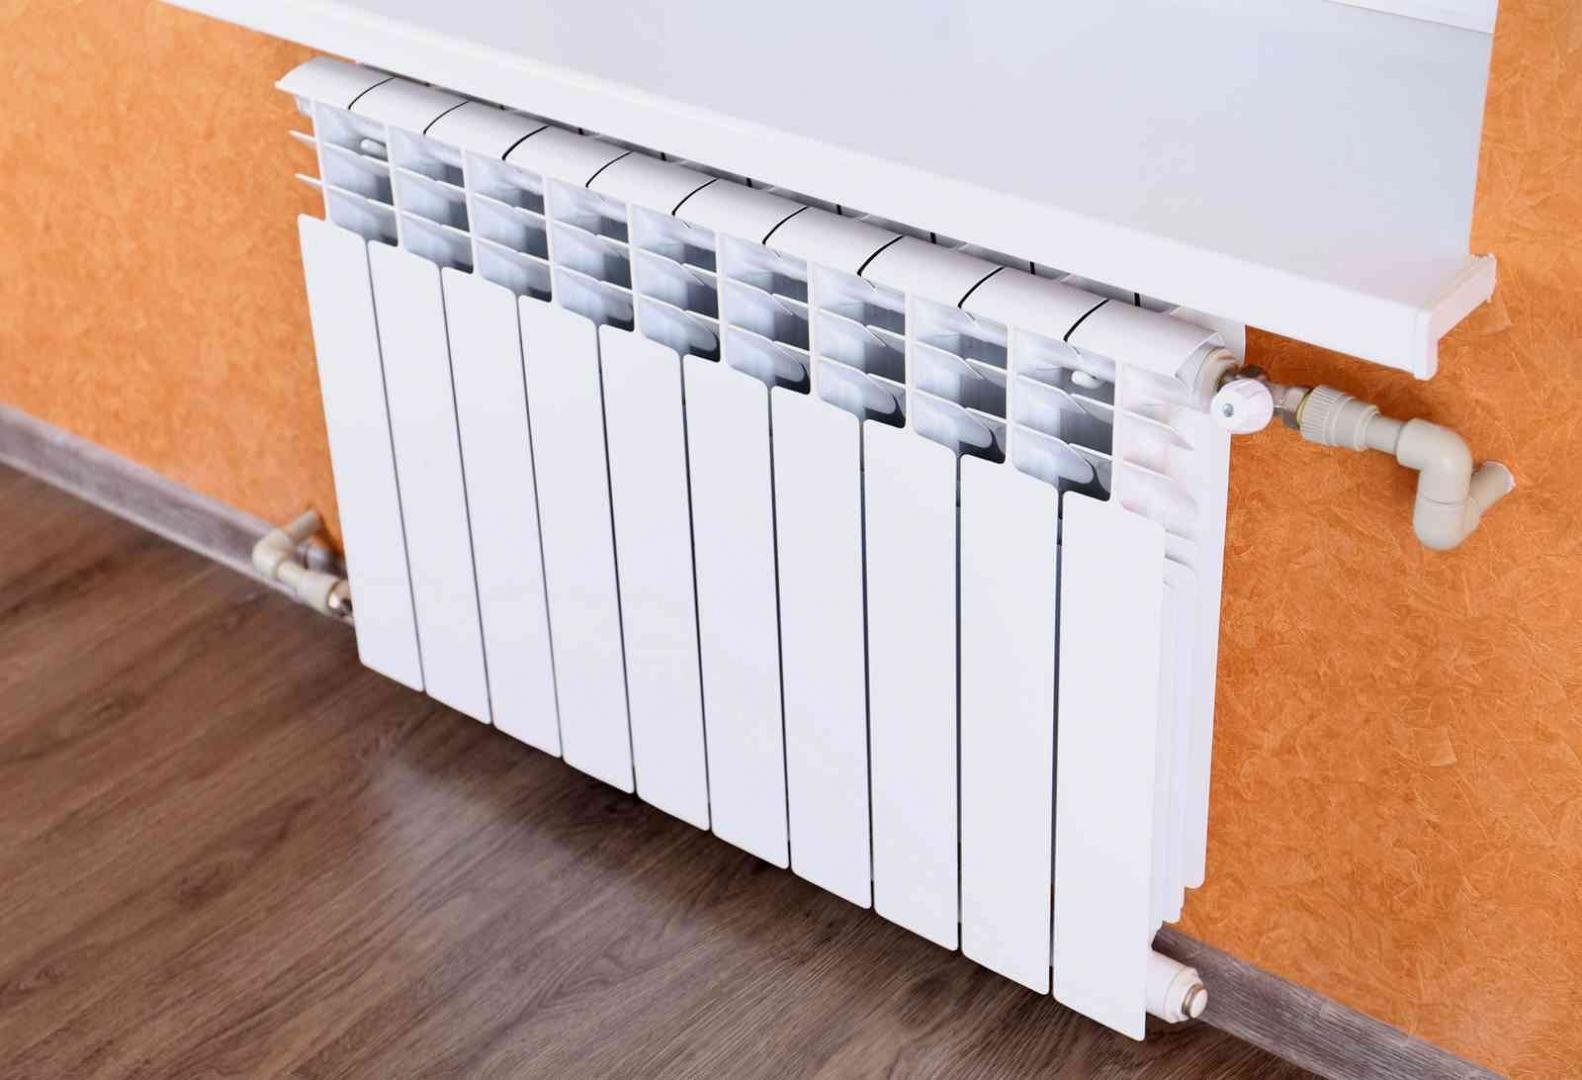 Алюминиевые радиаторы отопления: технические характеристики, размеры и объем секций, срок службы